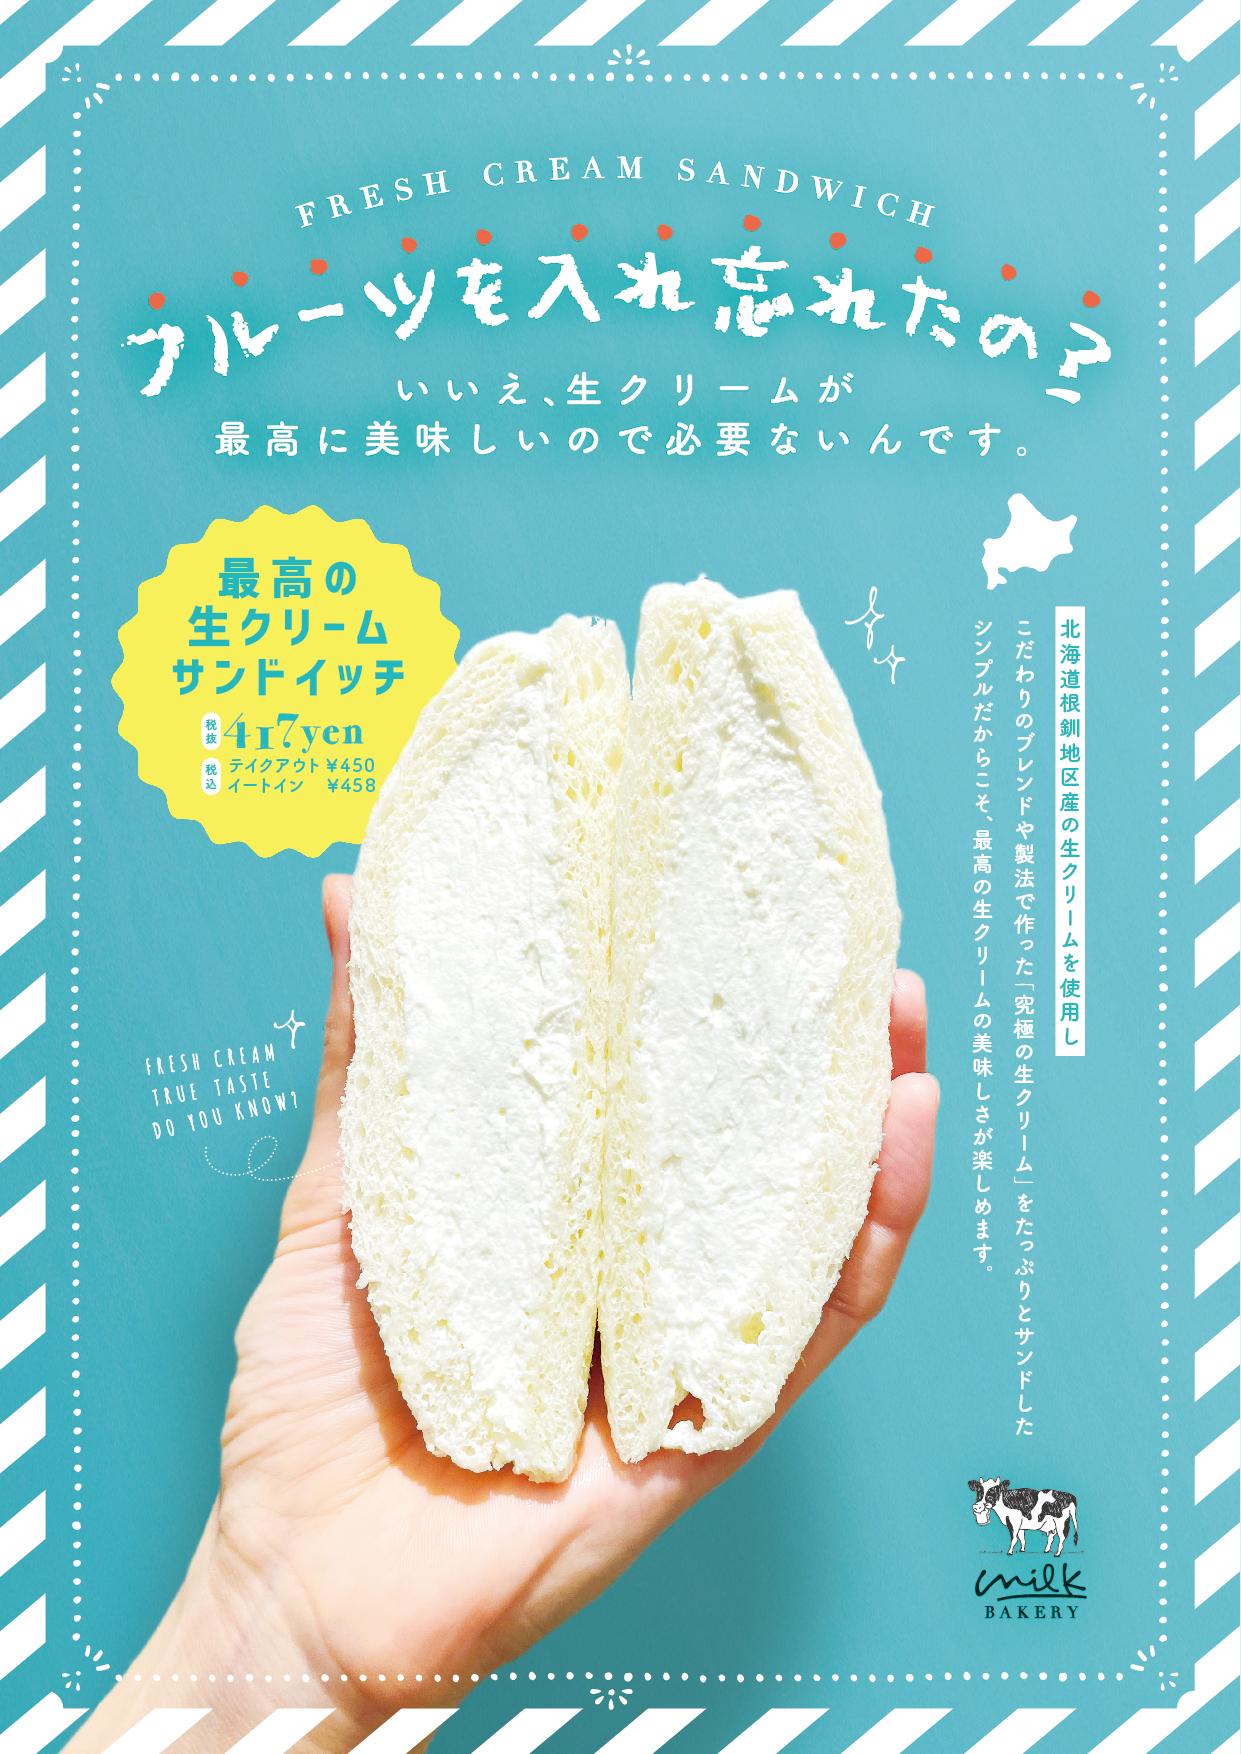 フルーツ不要のおいしさ 最高の生クリームサンドイッチ